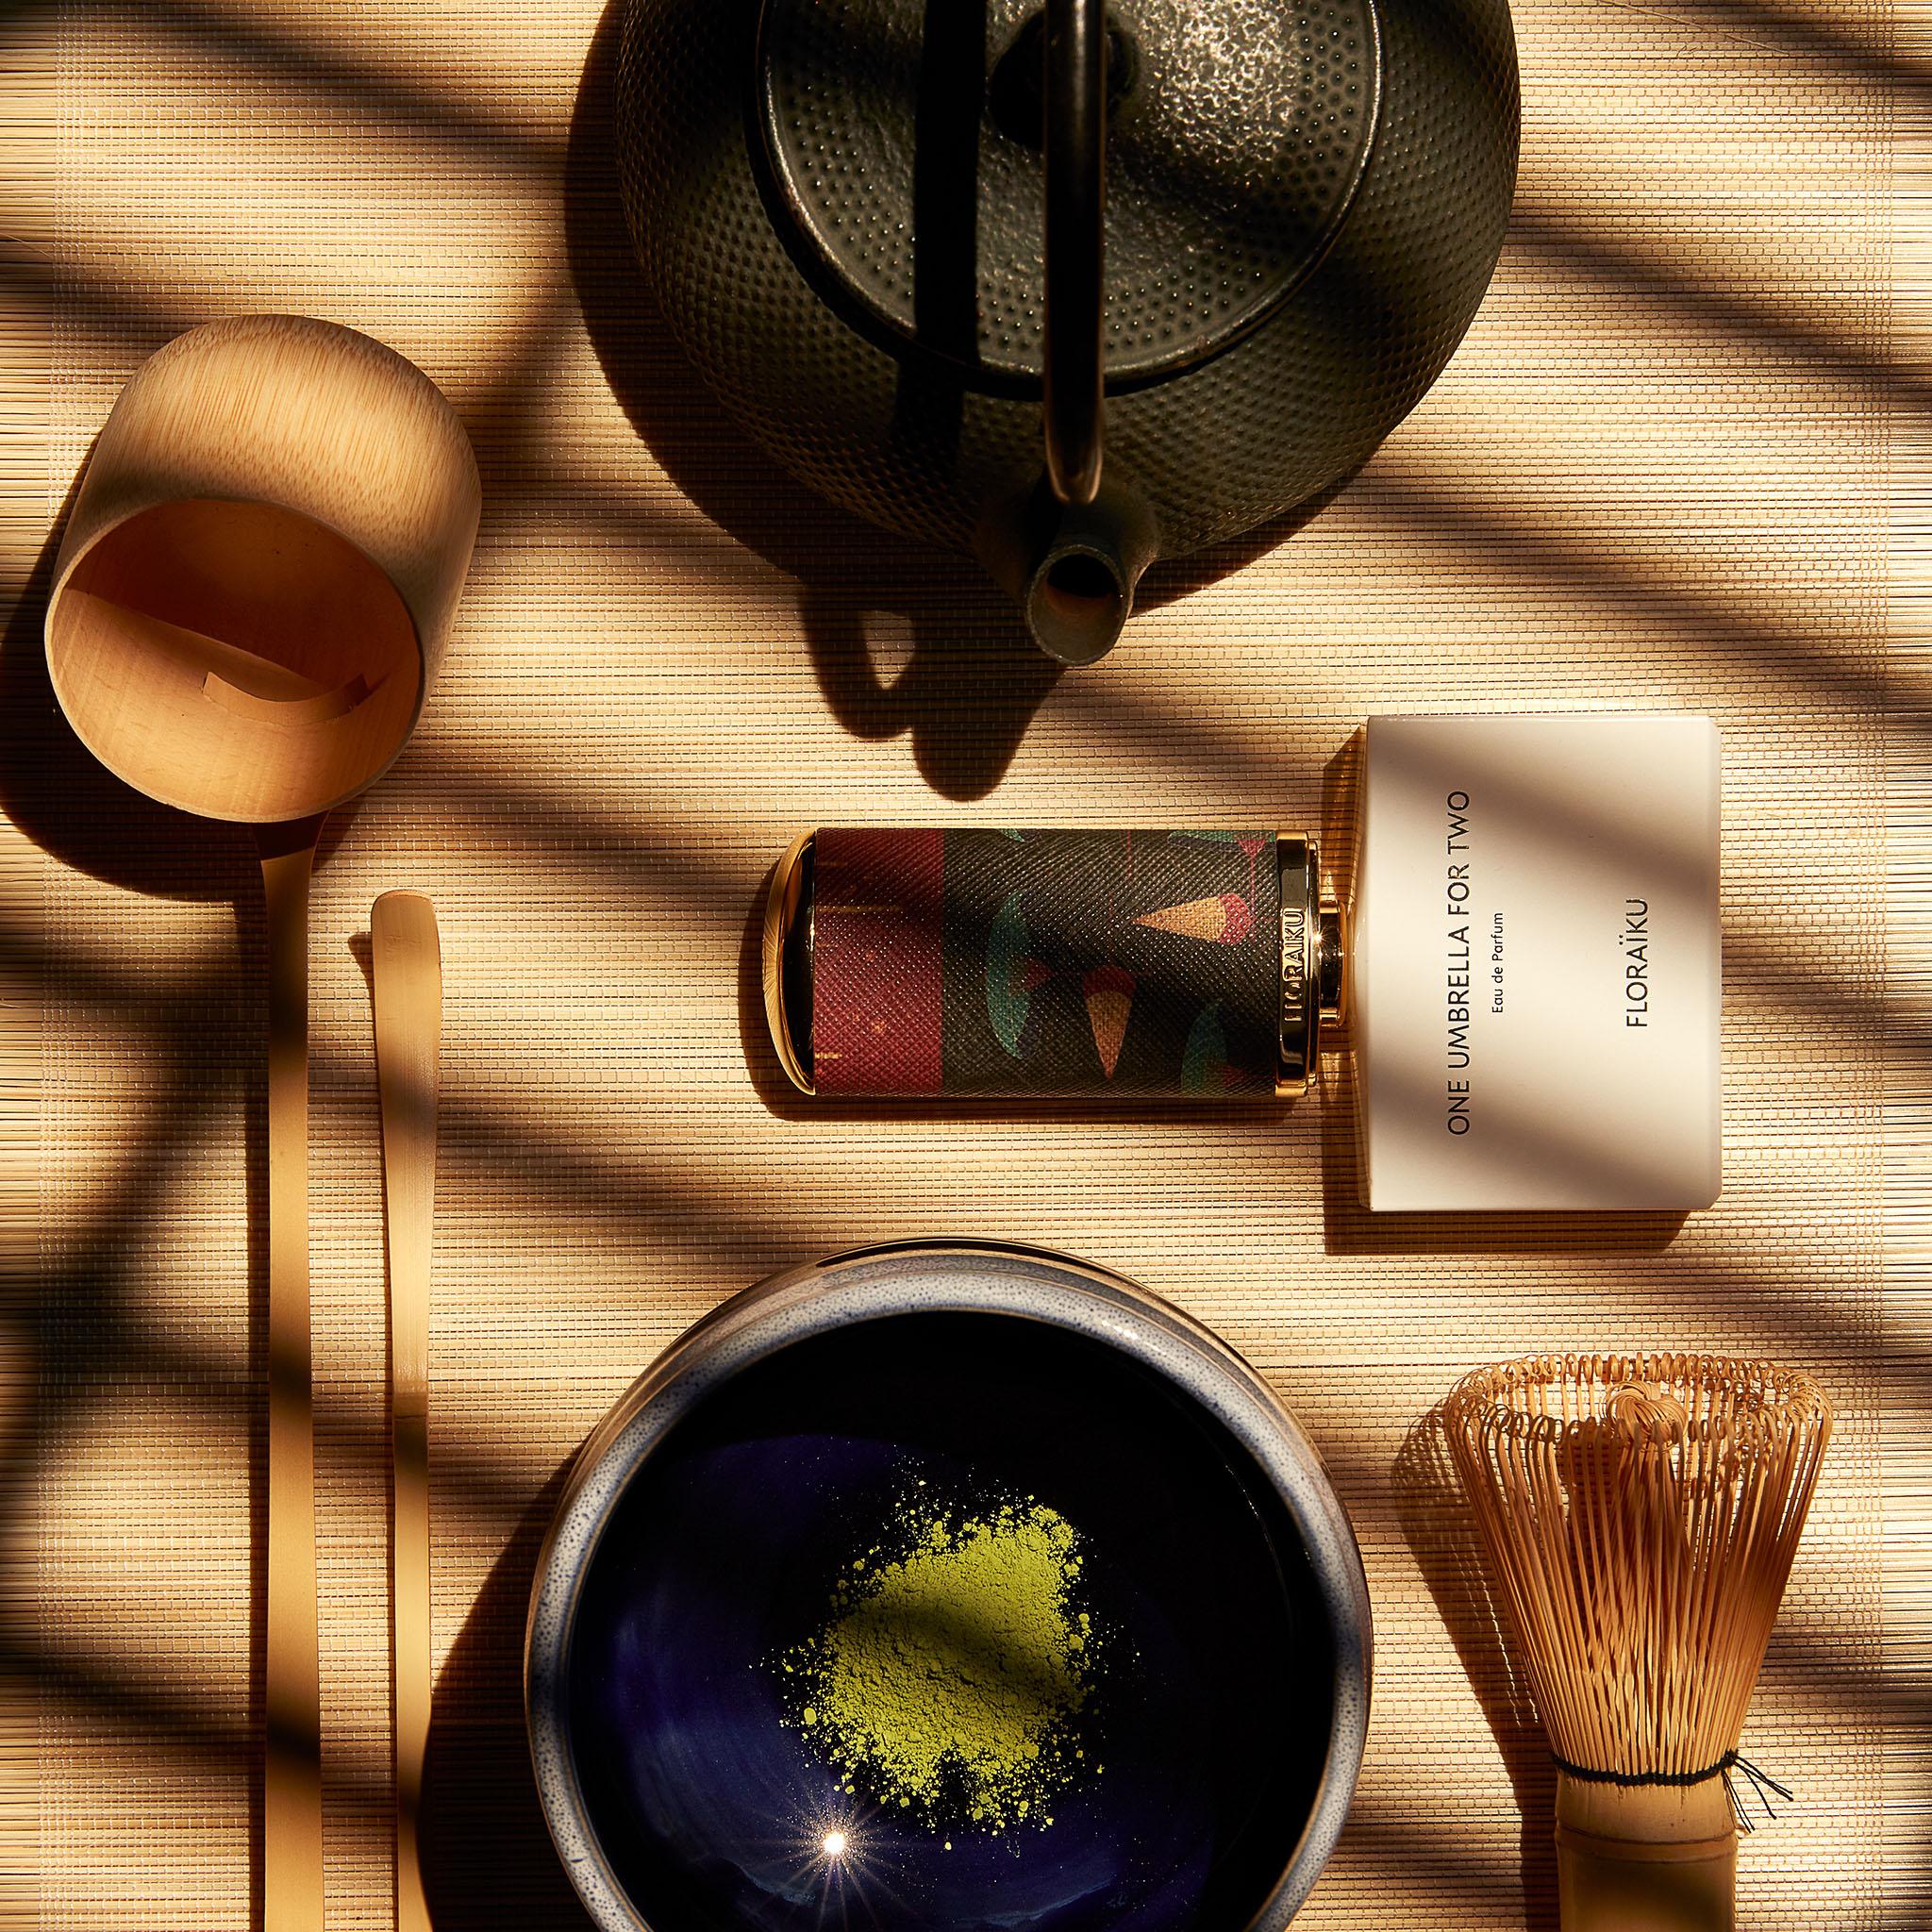 FLORAÏKU Brand Content. Parfum Japon Instagram Photos One Umbrella For Two